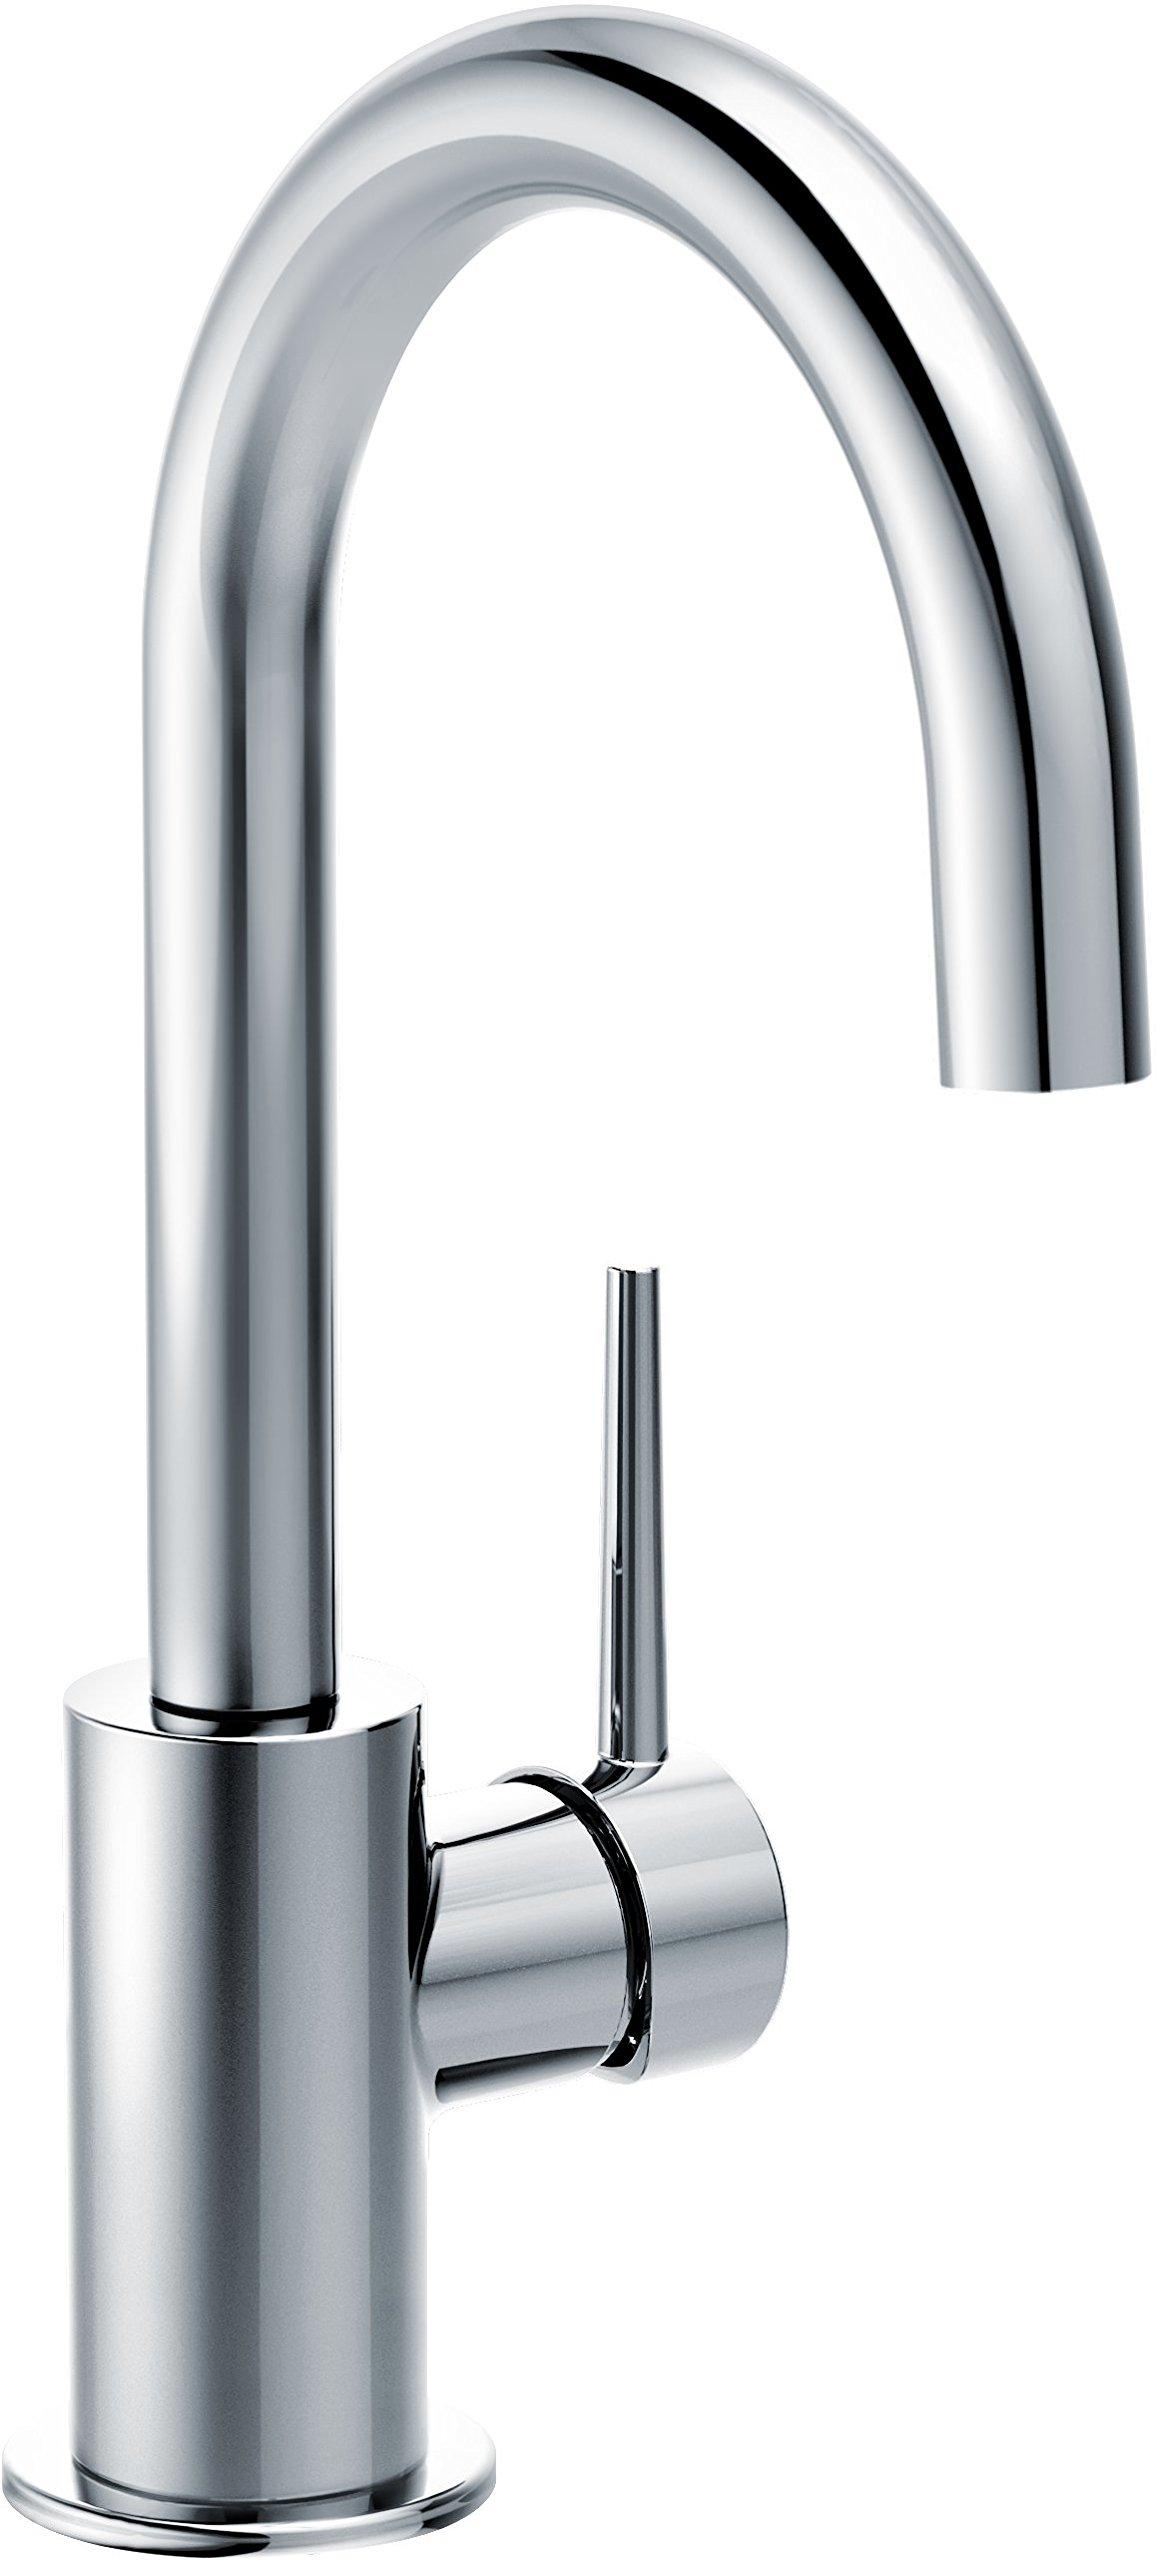 Delta Faucet Trinsic Single-Handle Bar-Prep Kitchen Sink Faucet, Chrome 1959LF by DELTA FAUCET (Image #1)